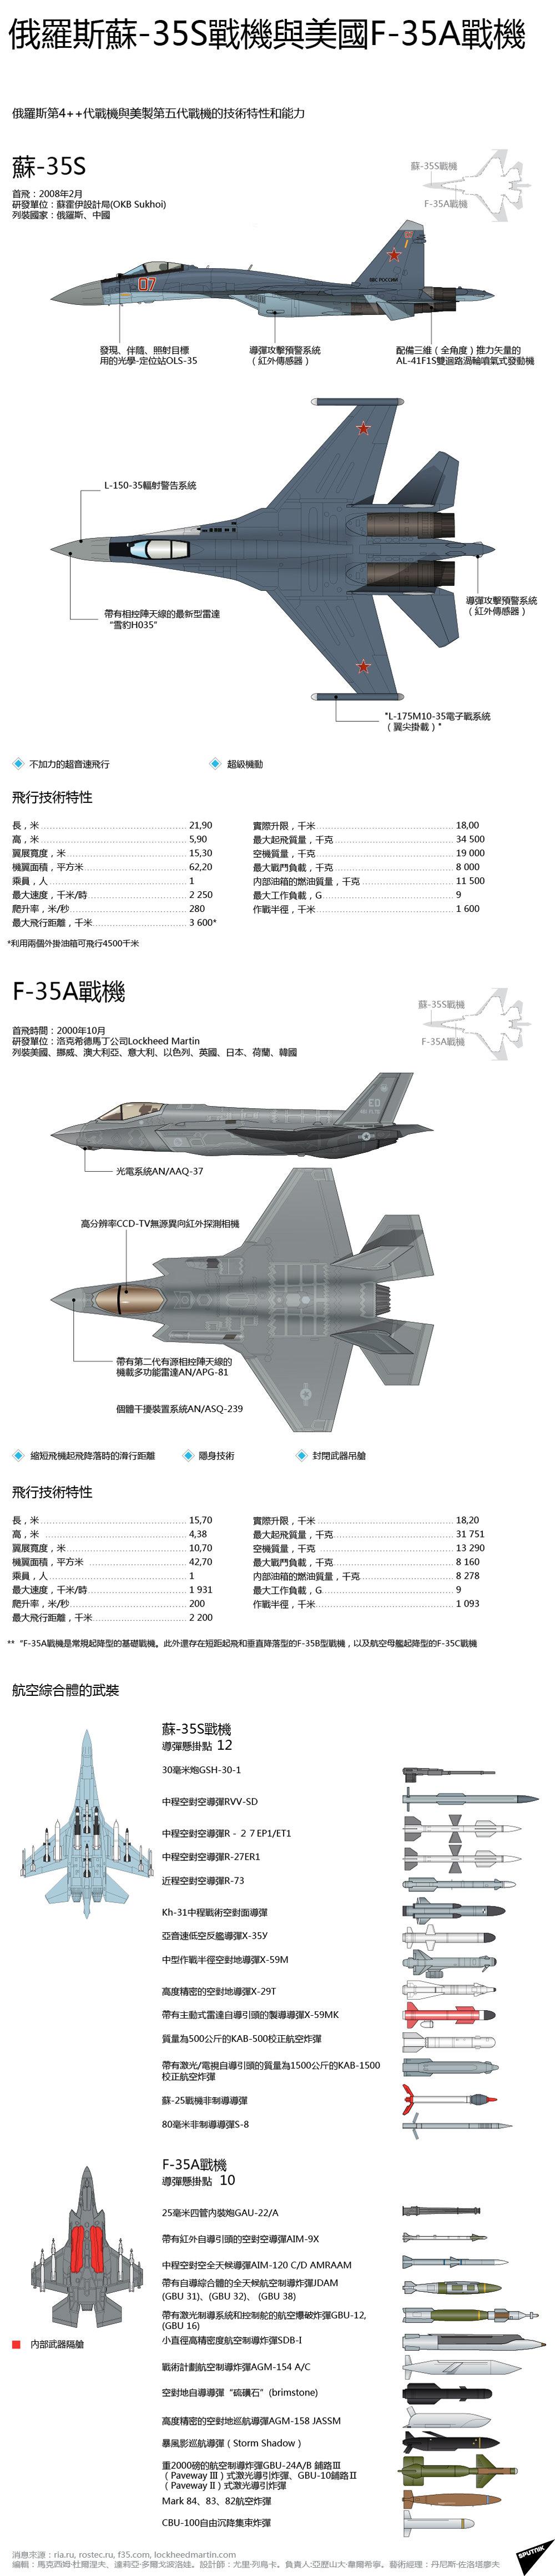 俄羅斯蘇-35S戰機與美國F-35A戰機